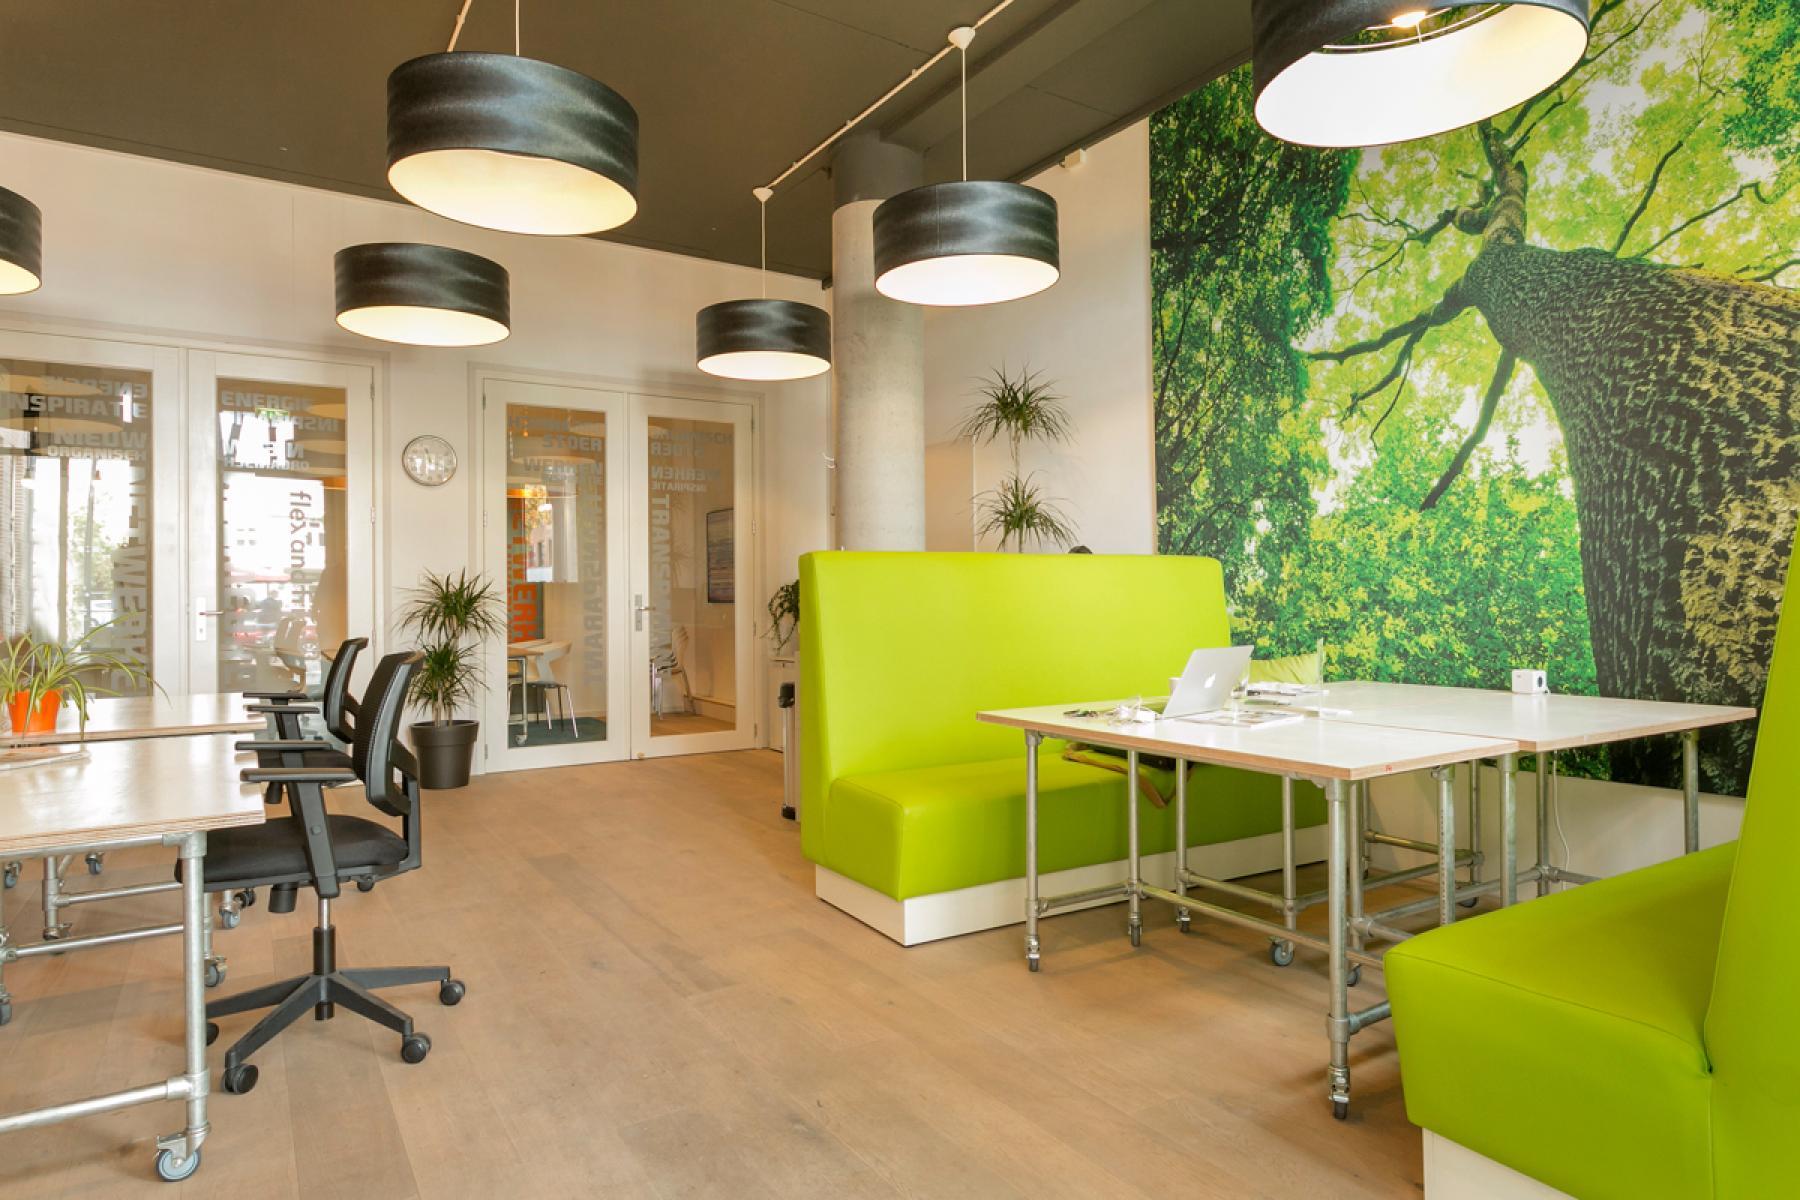 flexwerkplekken loungeplekken loungemogelijkheden lunchmogelijkheden kantoorgebouw zeist